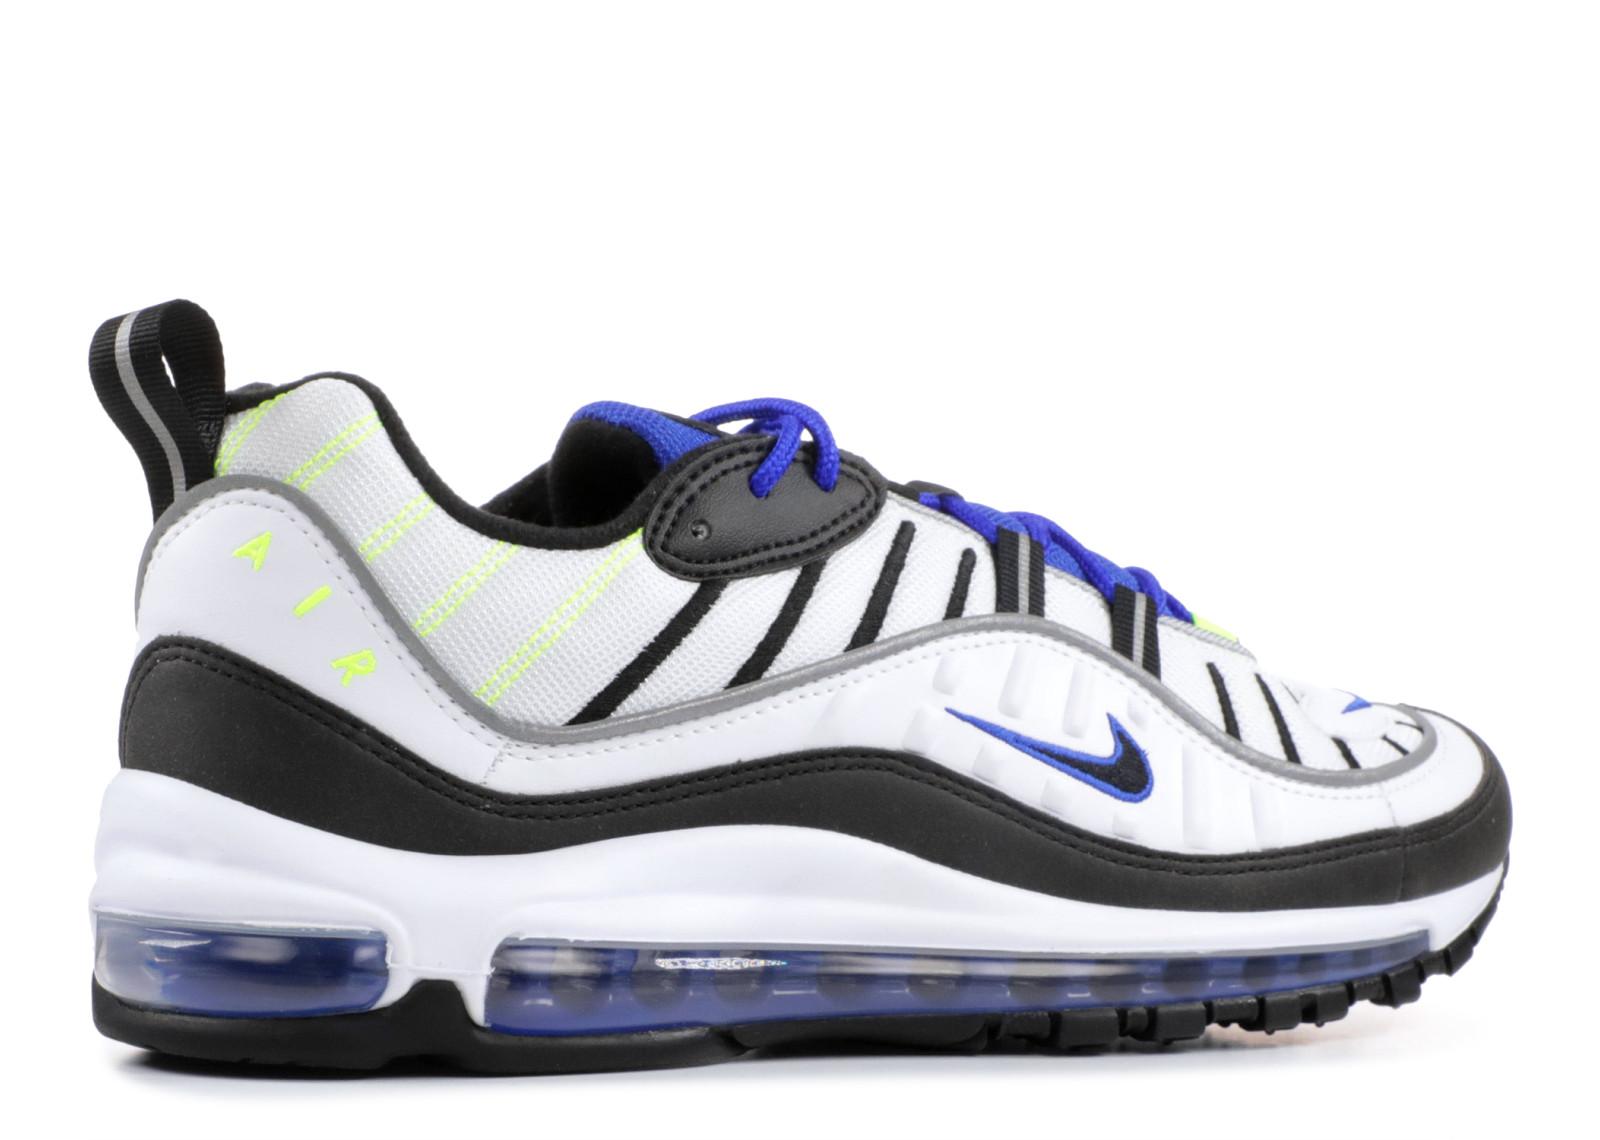 Top Quality Nike Air Max 98 OG White Black Racer Blue Volt Men's Running Shoes 640744 103